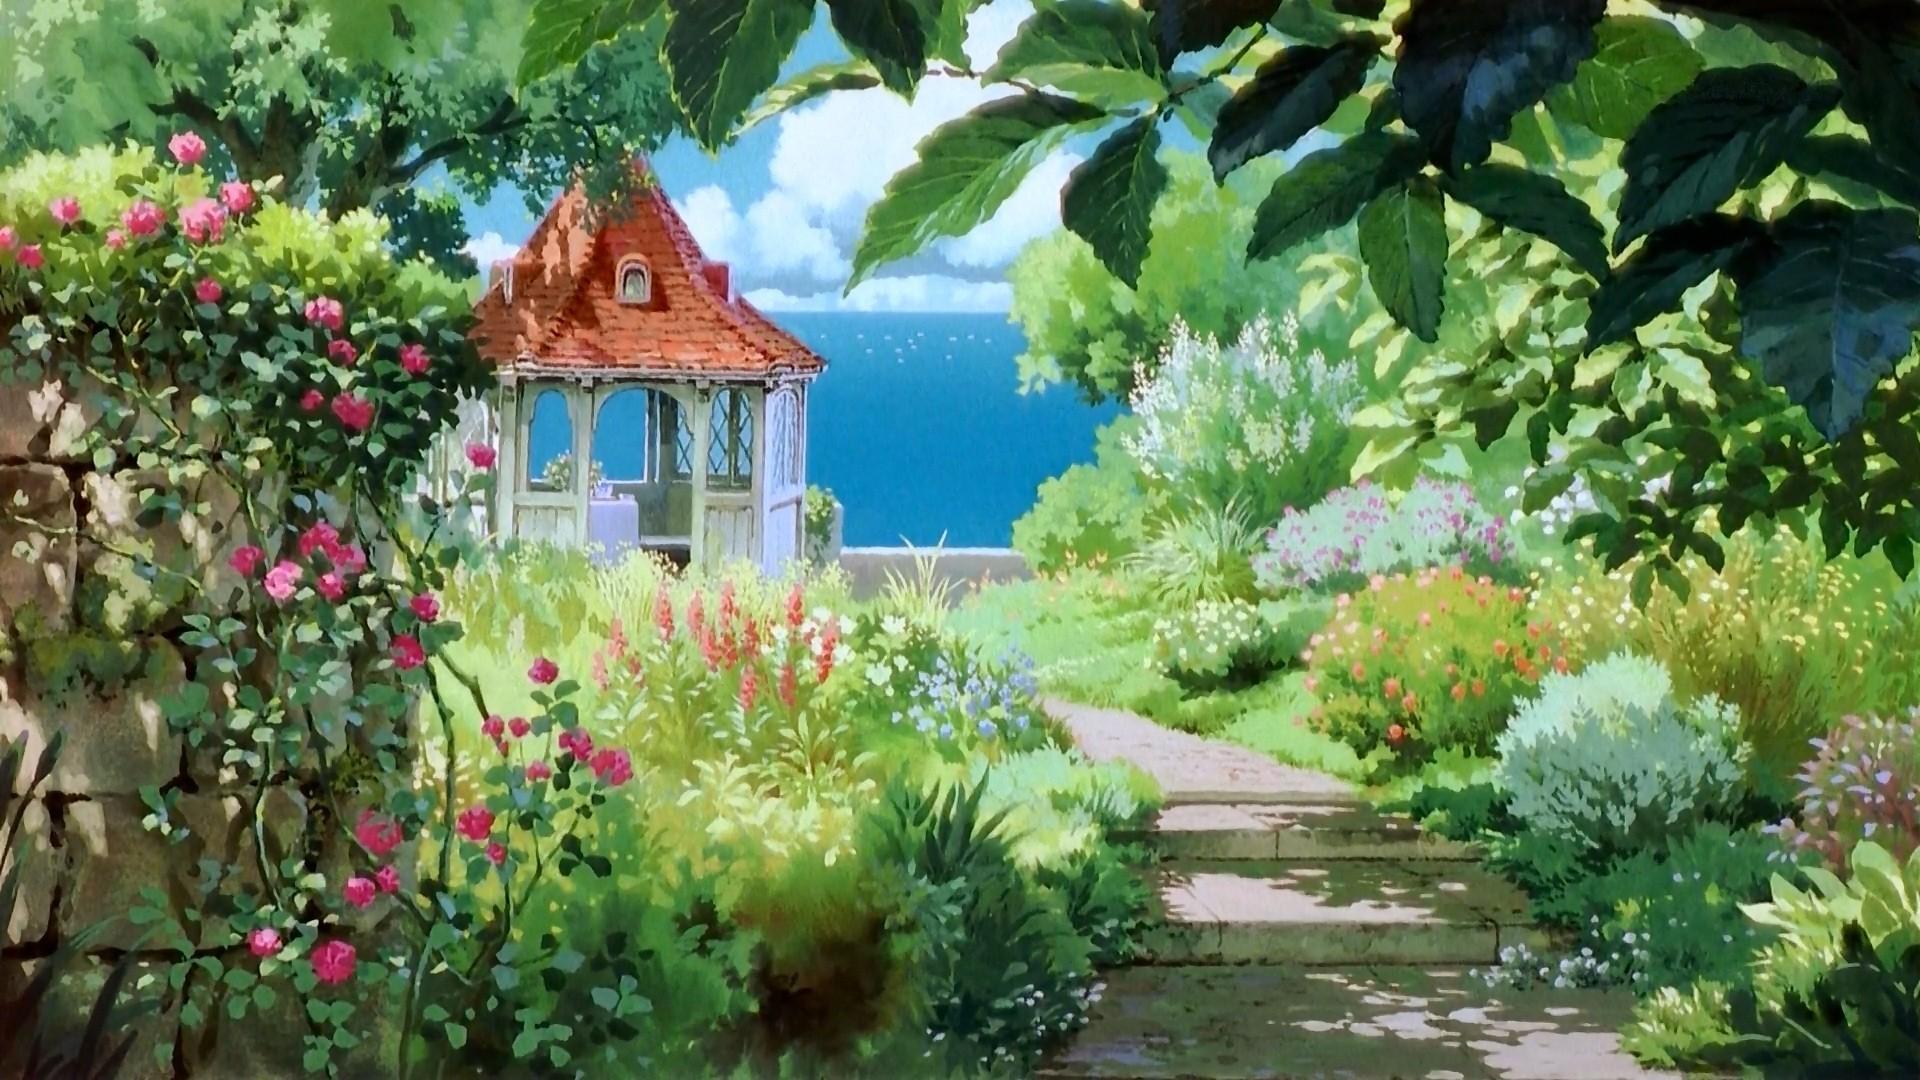 Ghibli Wallpaper theme